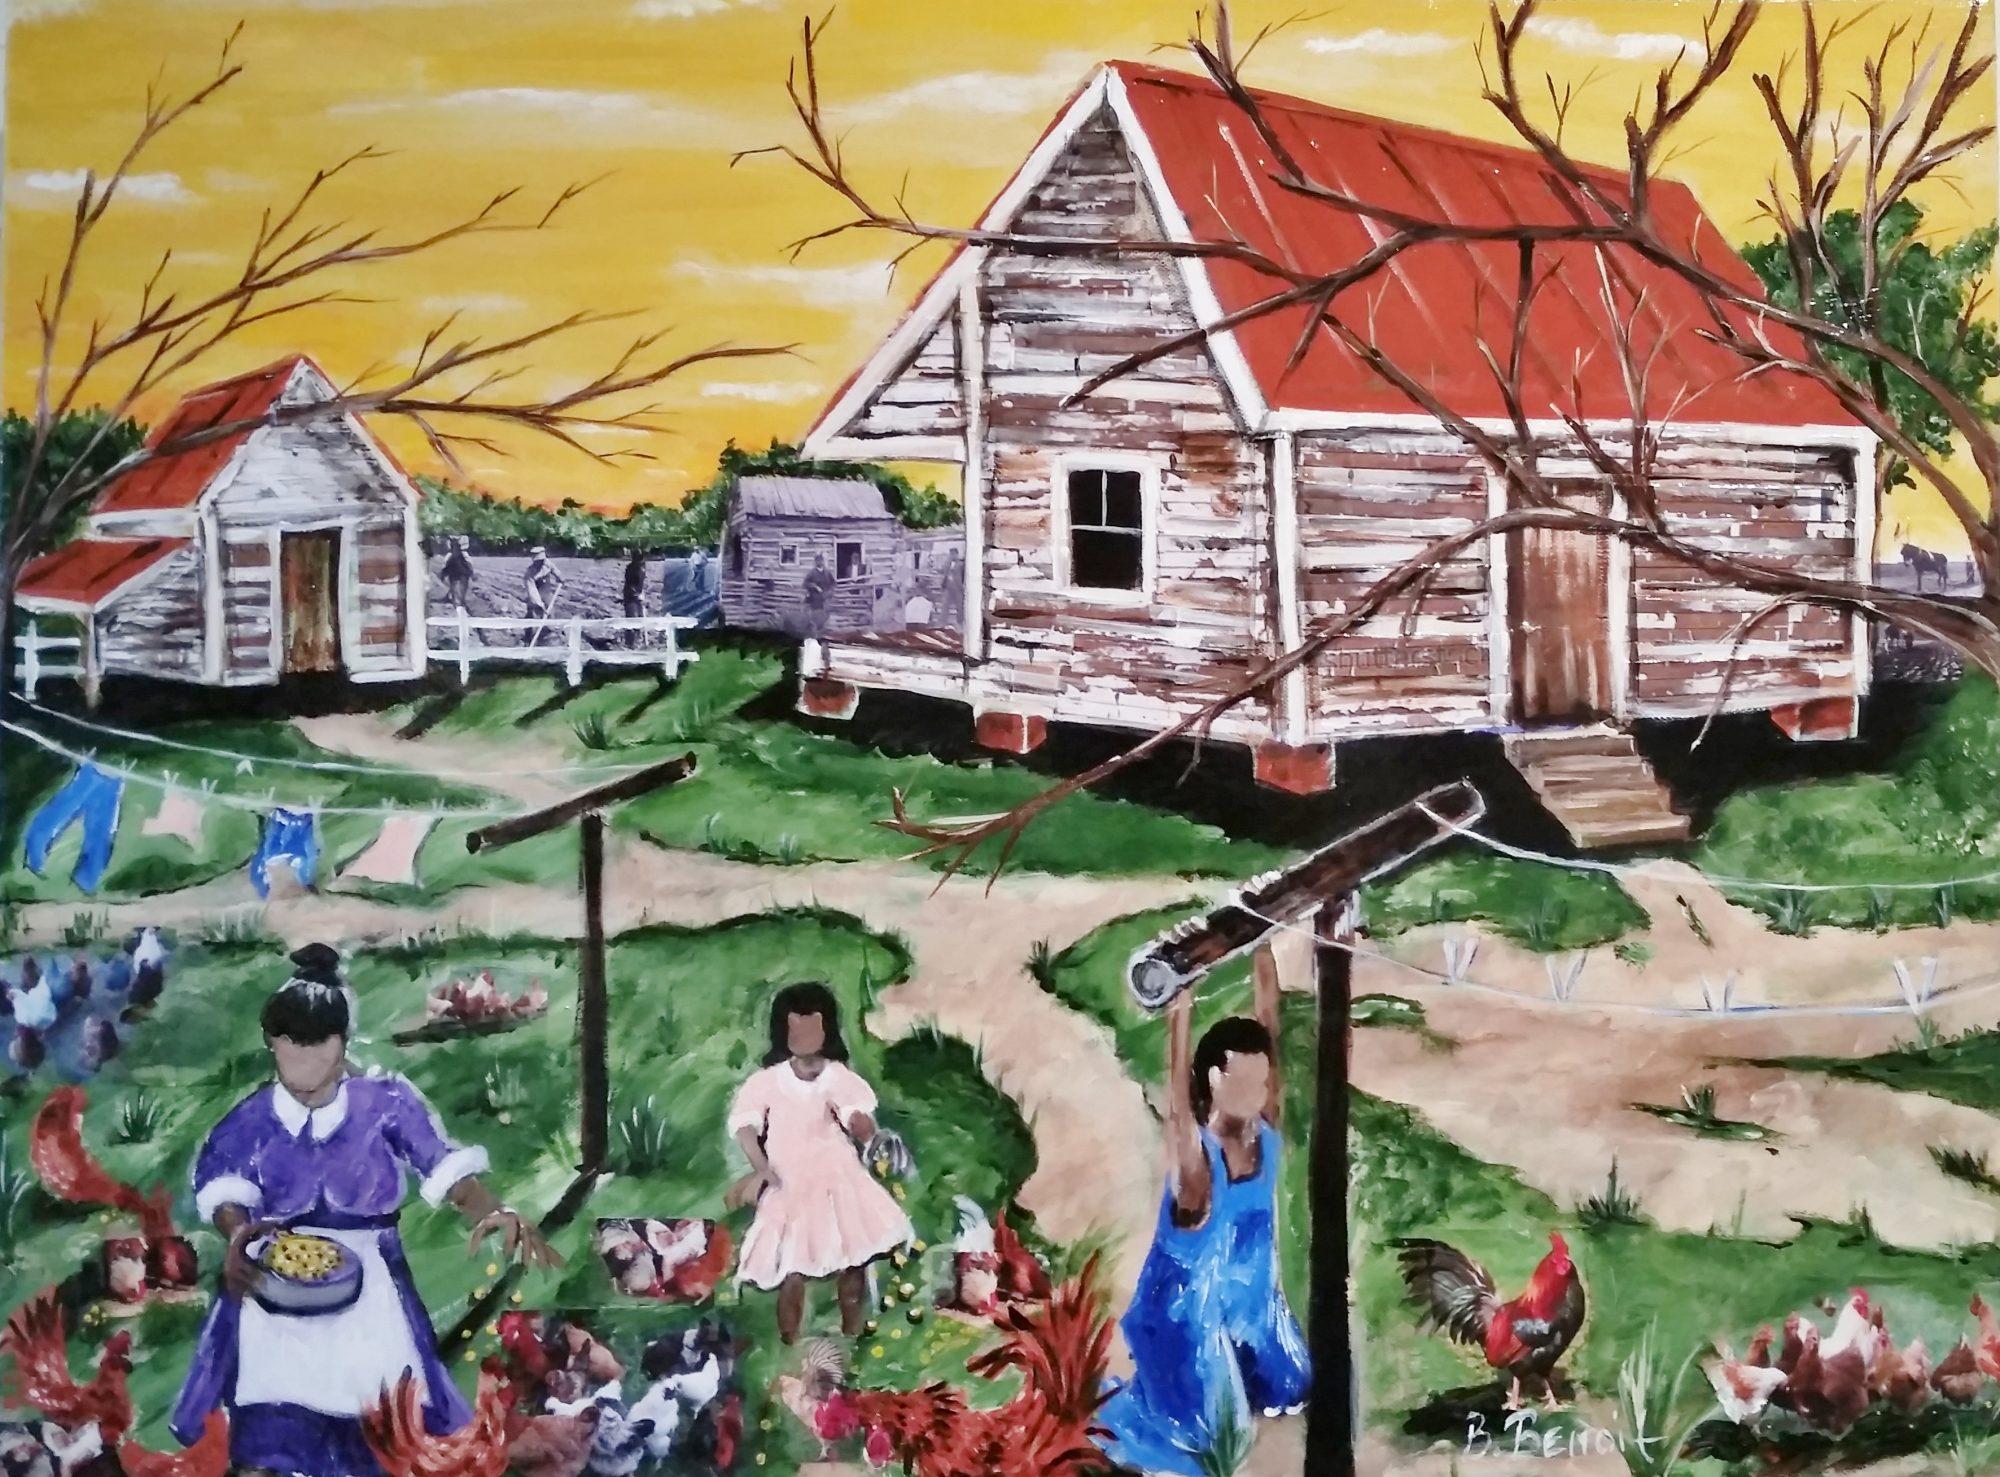 Benoit Gallery Indigenous art